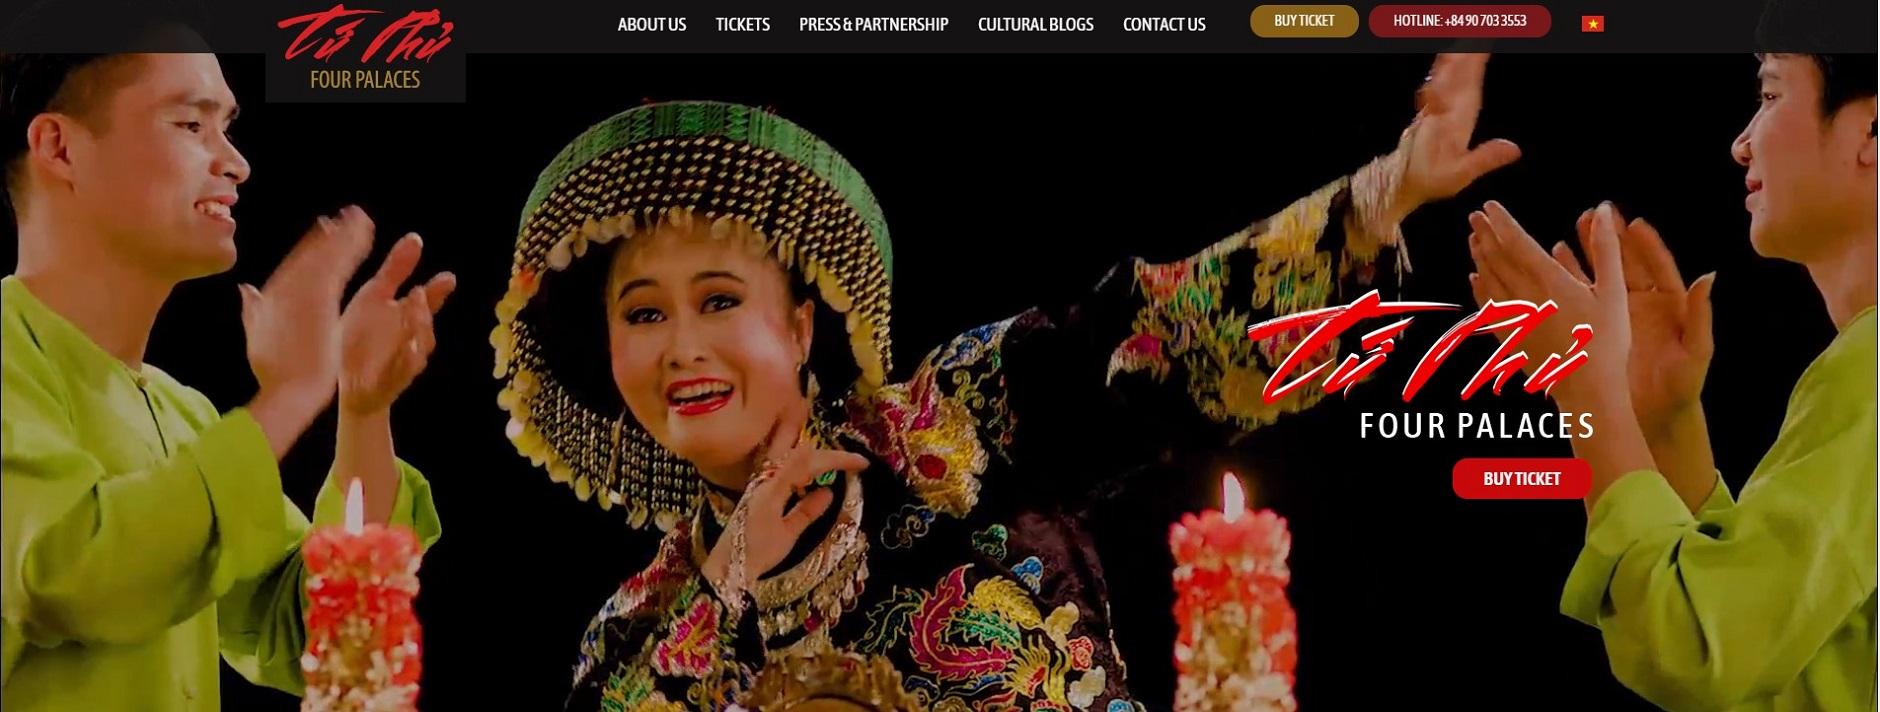 Thông tin tổng quan, khó khăn và kết quả đạt được của dự án Nhà hát Việt